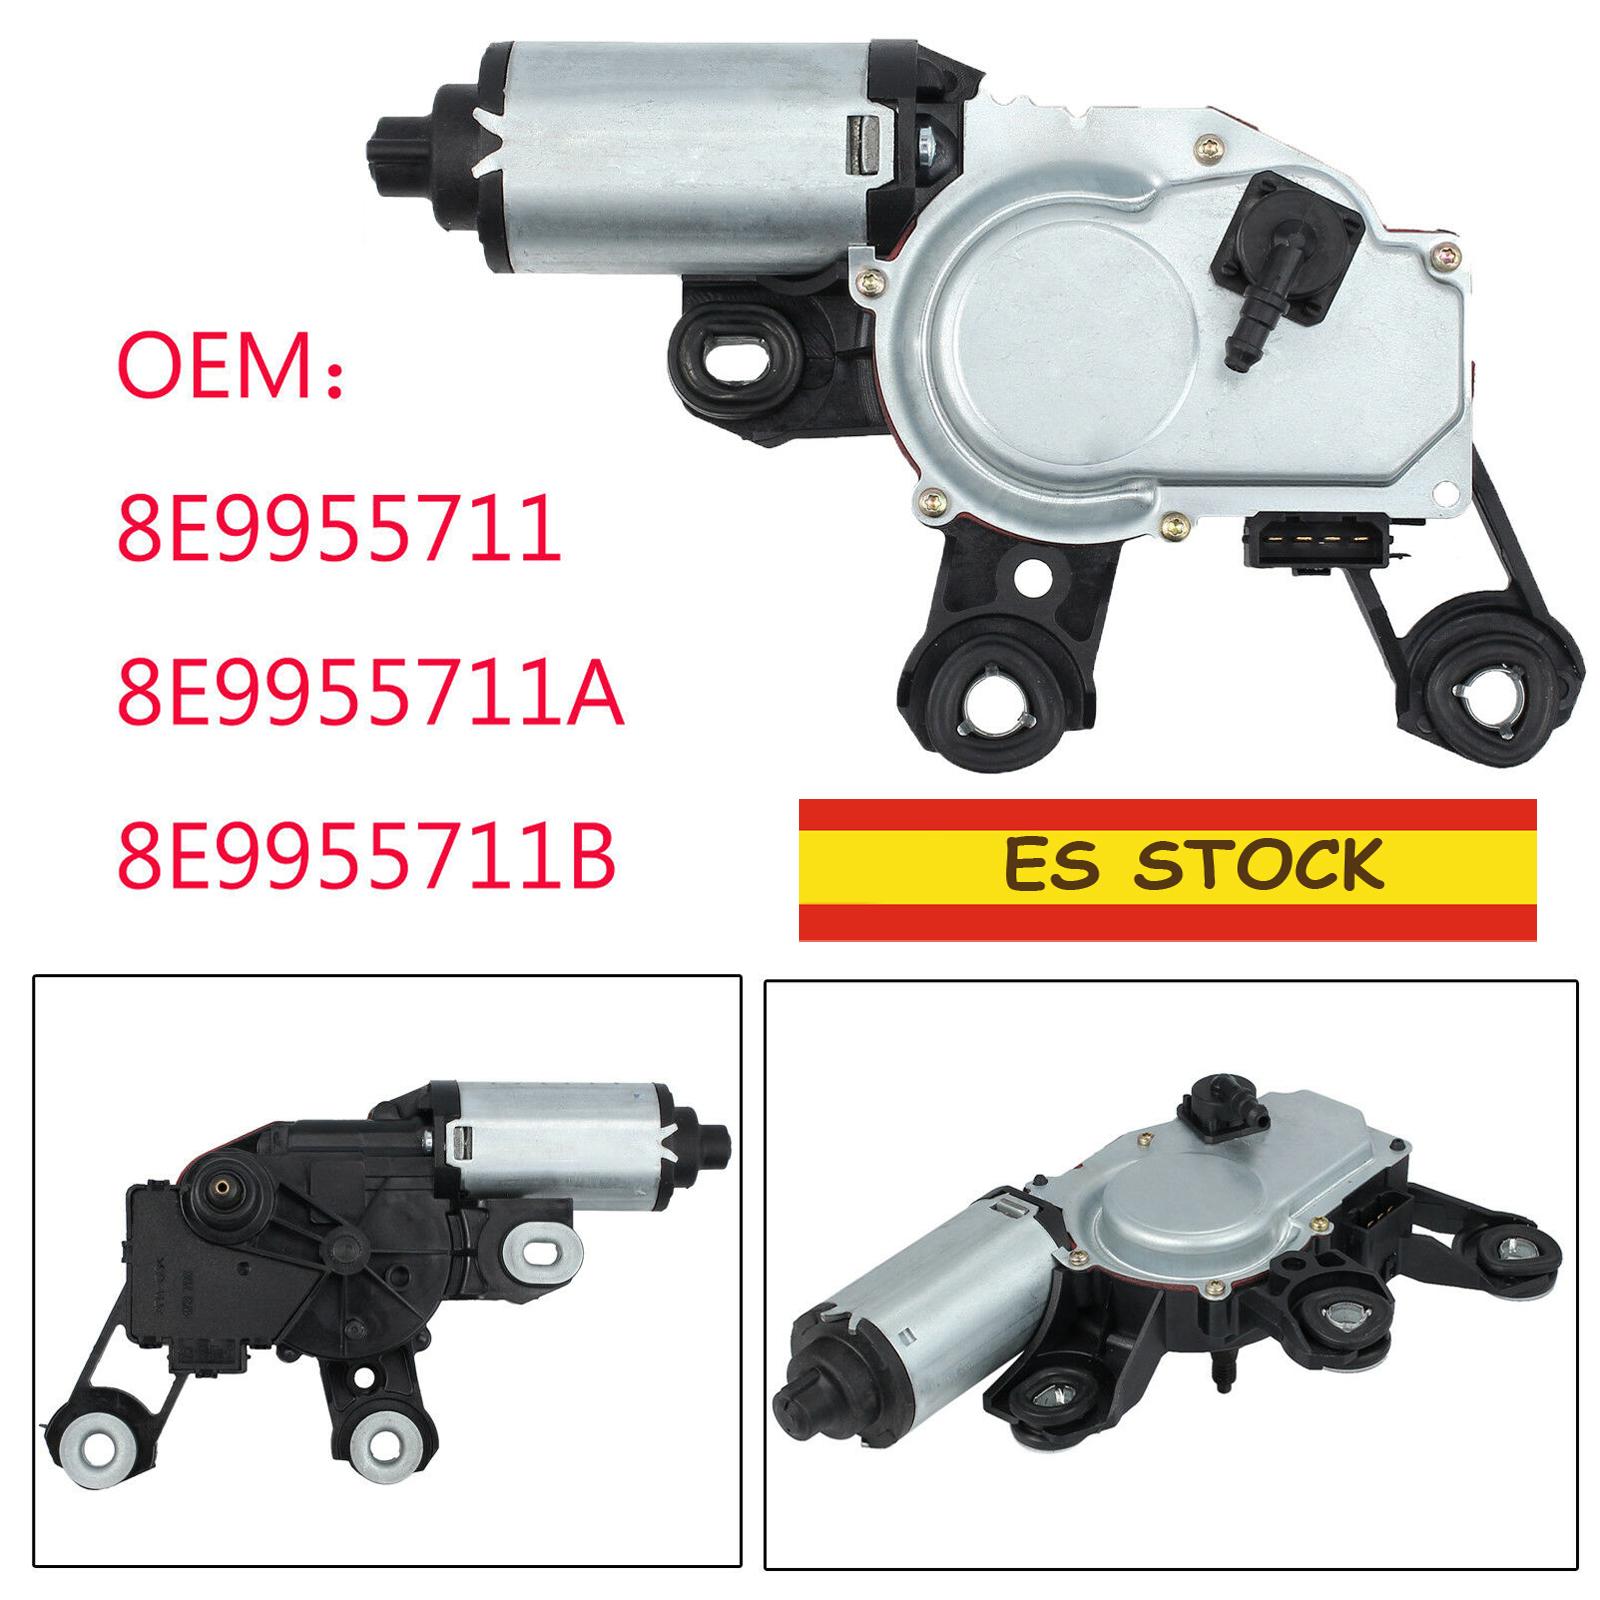 Motor limpiaparabrisas Trasero para Audi A3 8P A4 A6 Q5 Q7 8E9955711A 8E9955711E